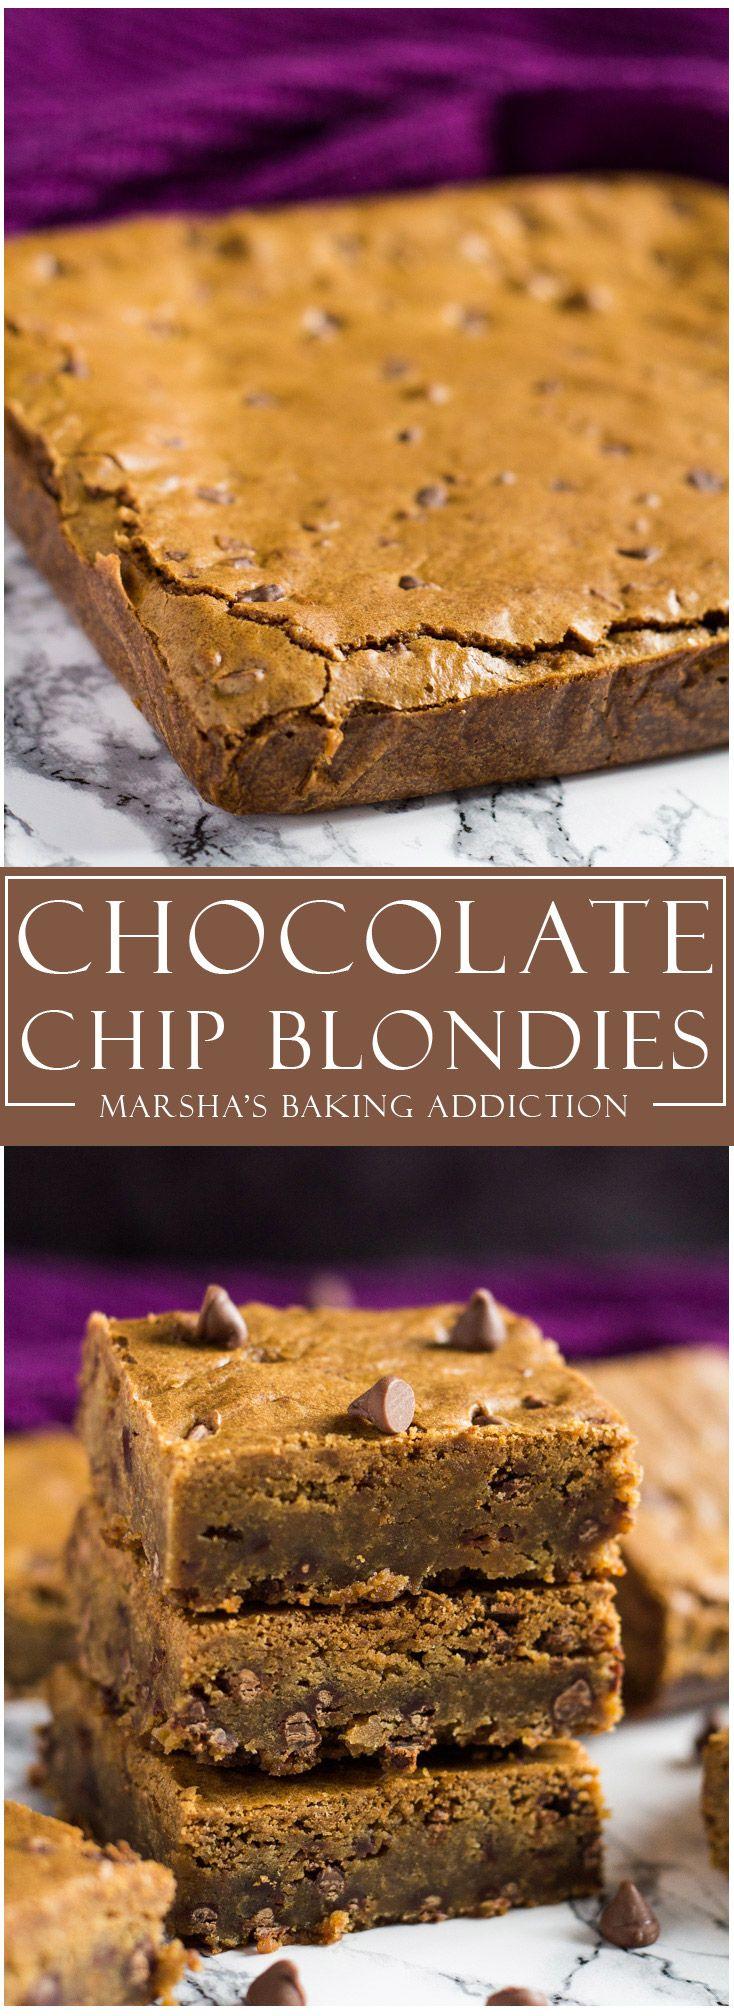 Chocolate Chip Blondies   marshasbakingaddiction.com @marshasbakeblog